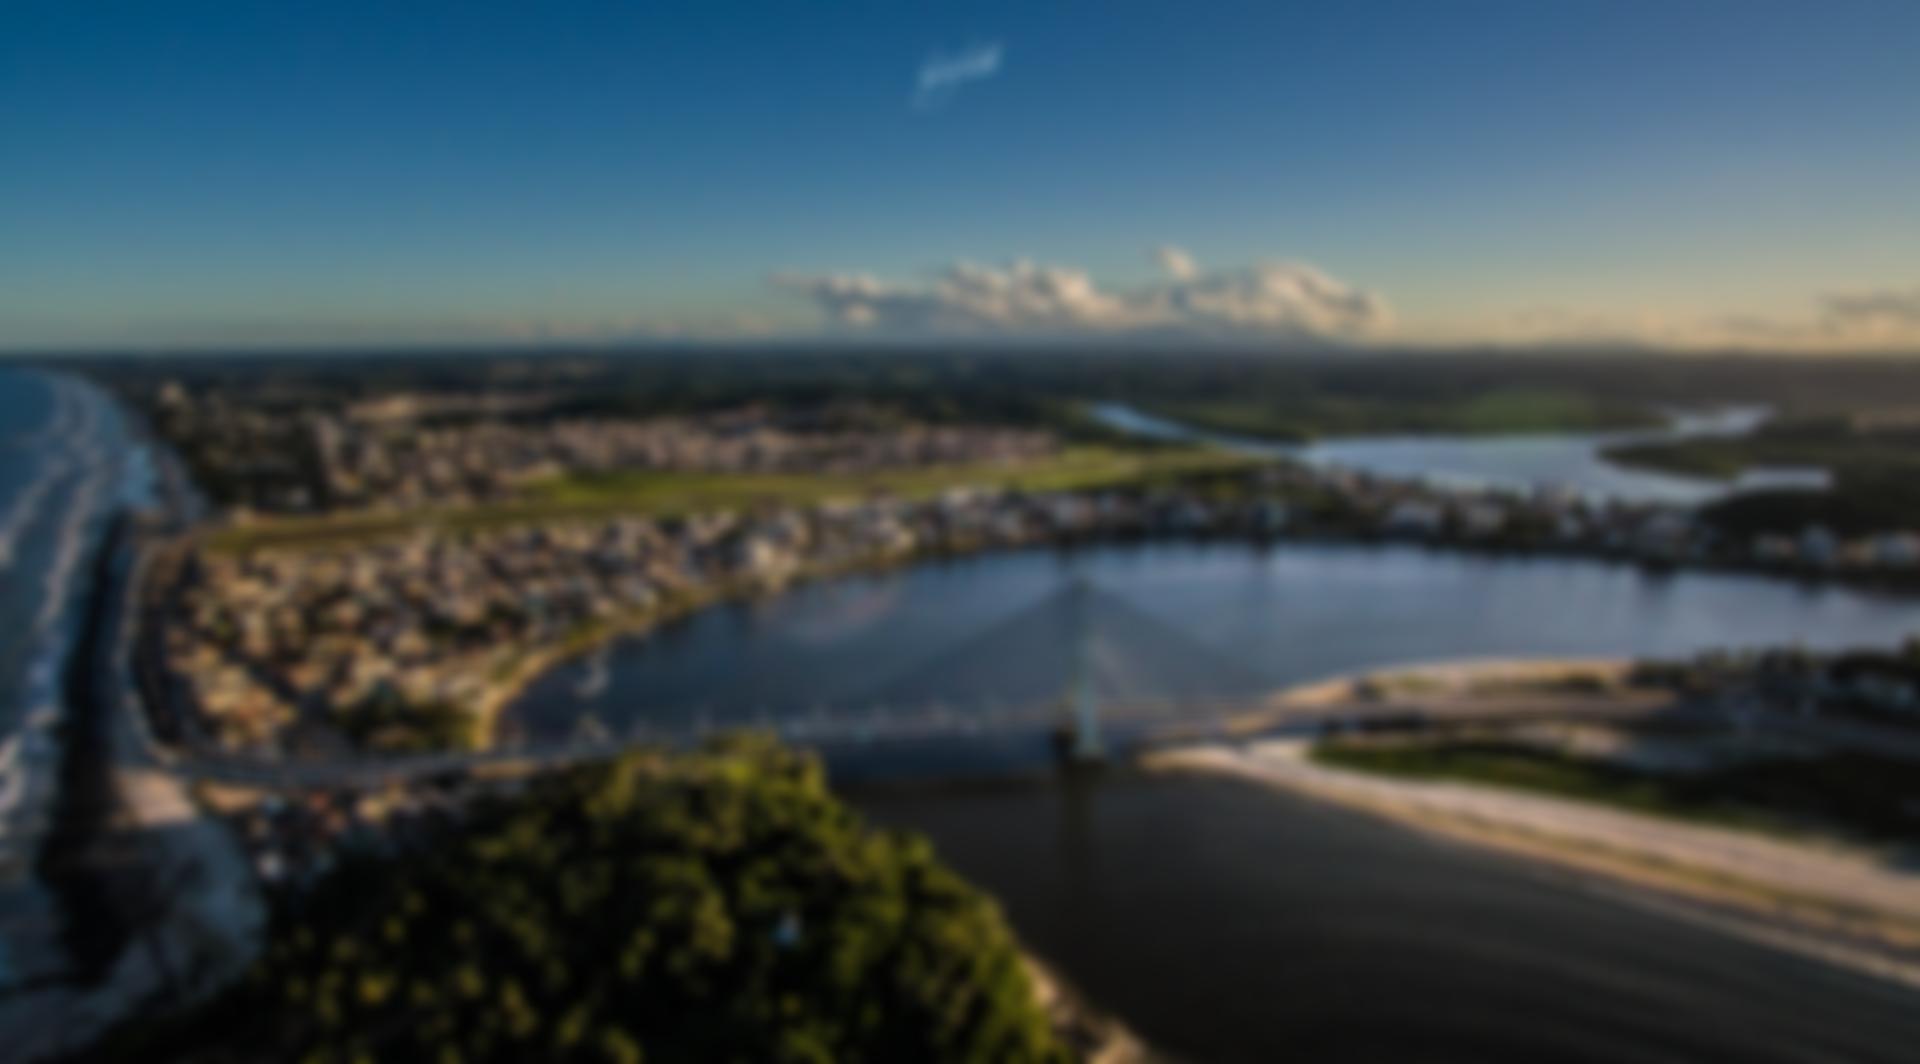 Vista aérea de Ilhéus, no sul da Bahia